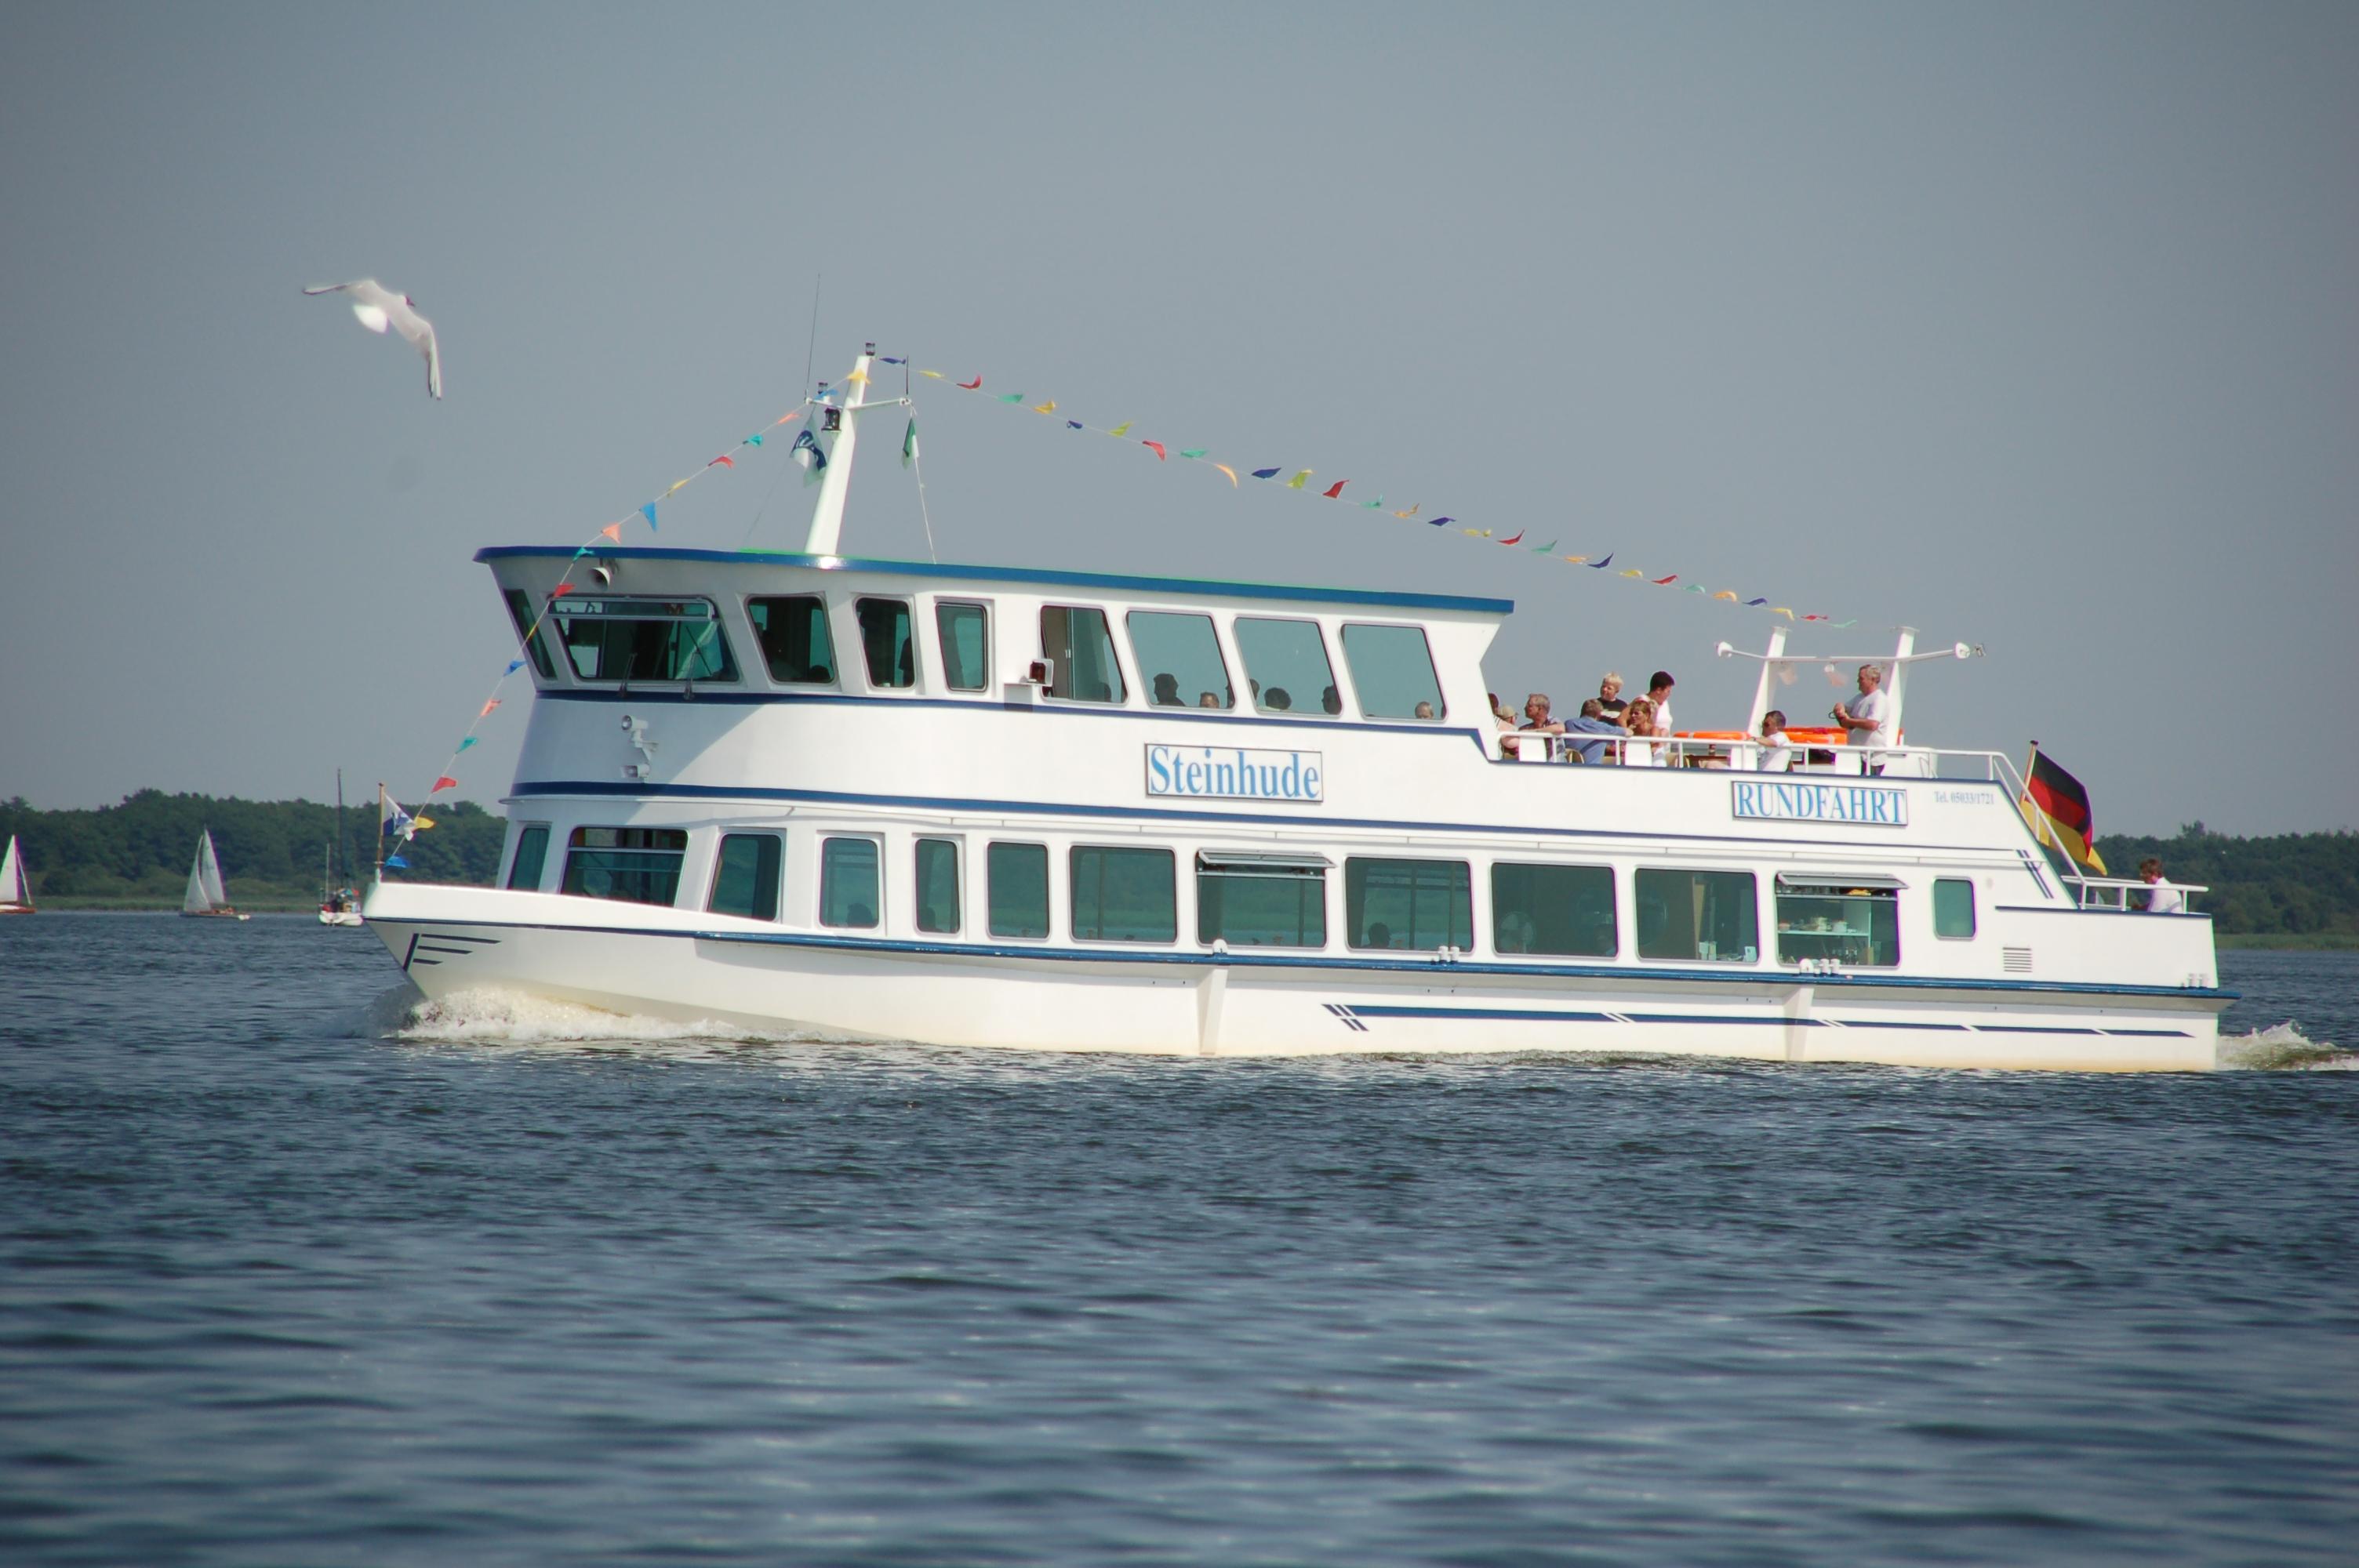 fahrgastschiff-steinhude-personenschifffahrt